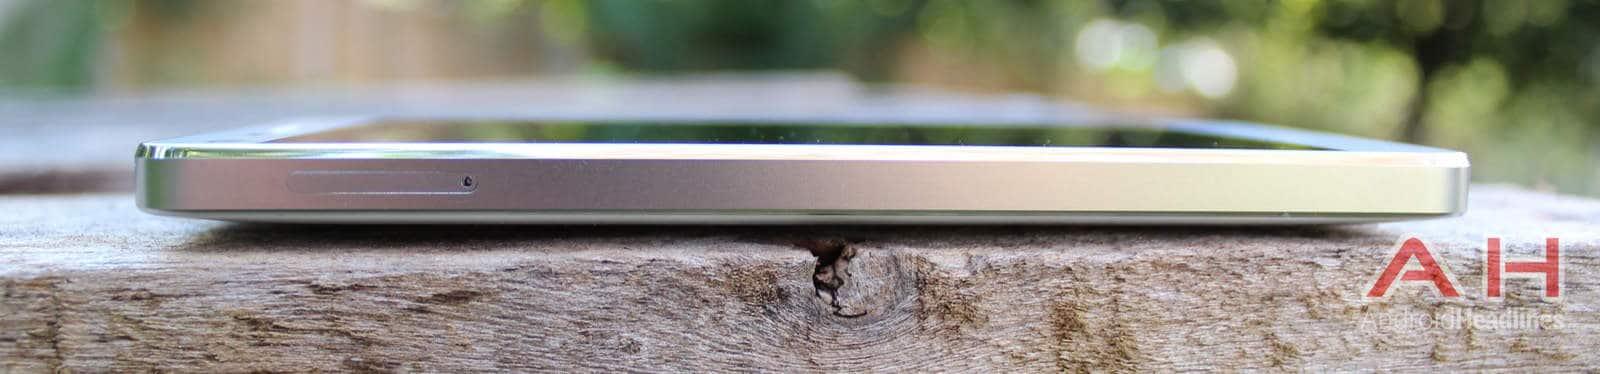 Xiaomi Mi4 13